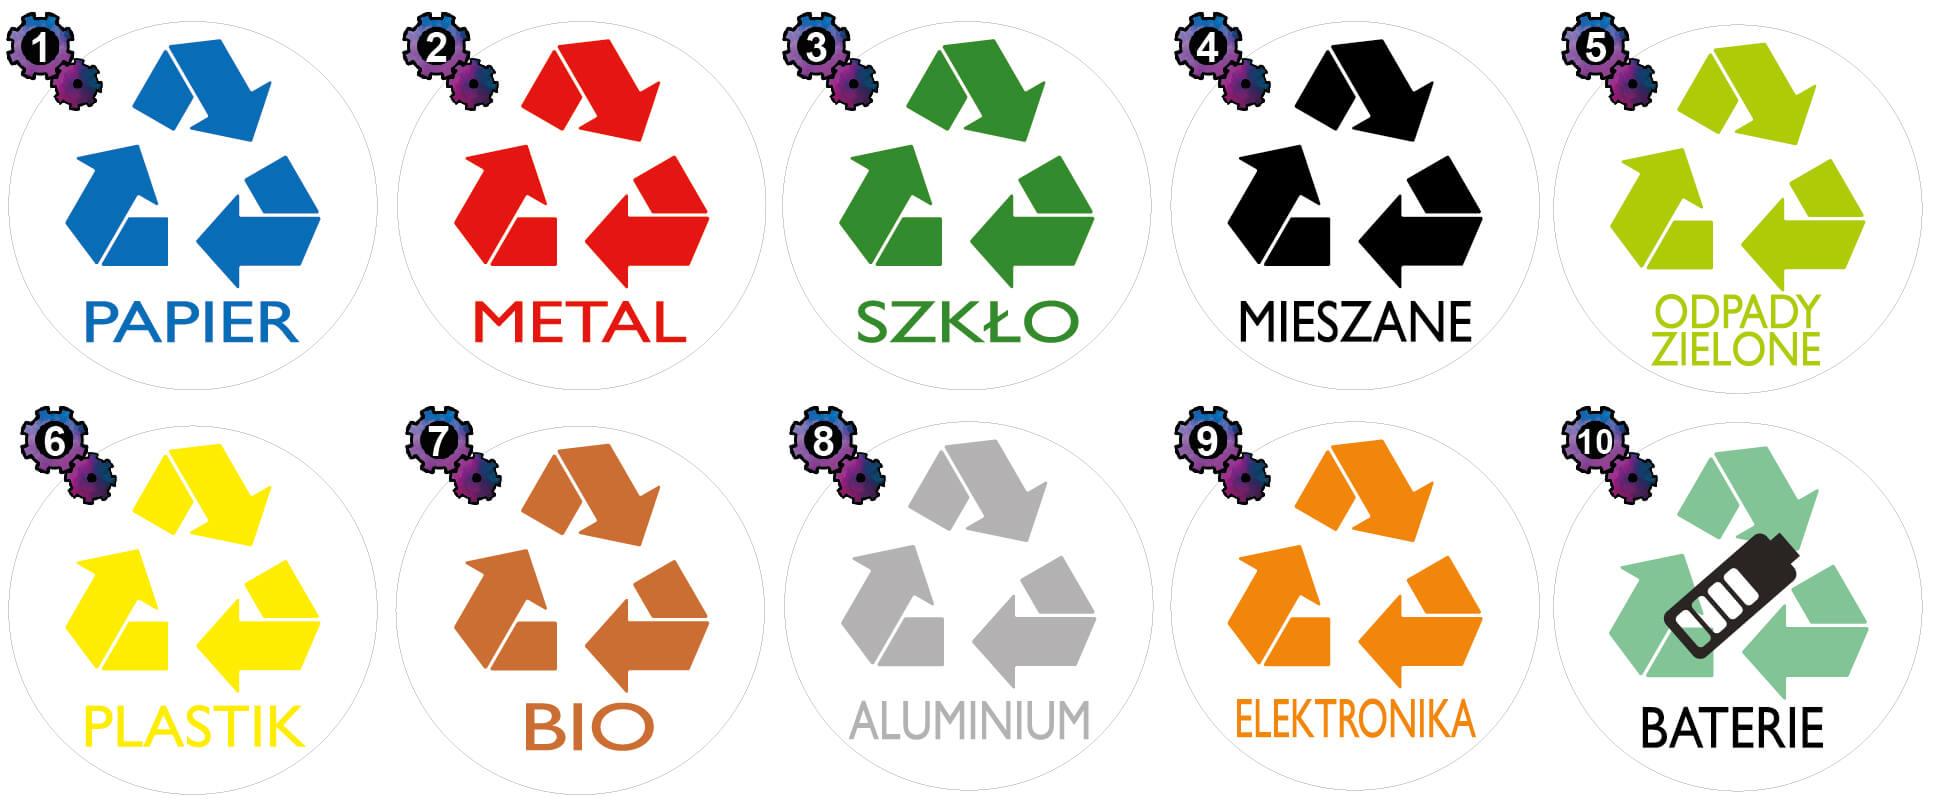 naklejki segregacja śmieci